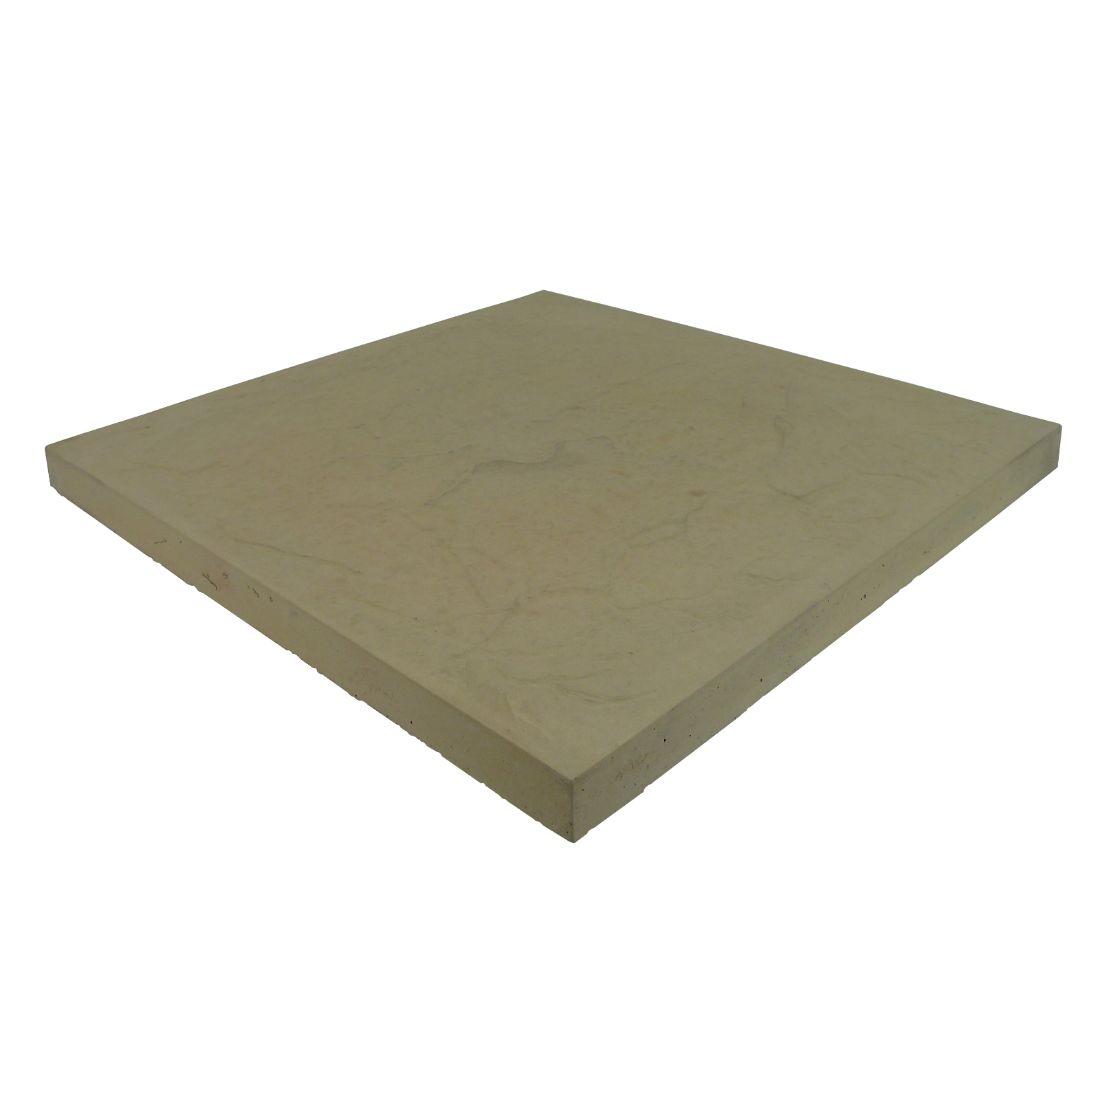 Romani Concrete Paver 600 x 600 x 37mm Cream Sands